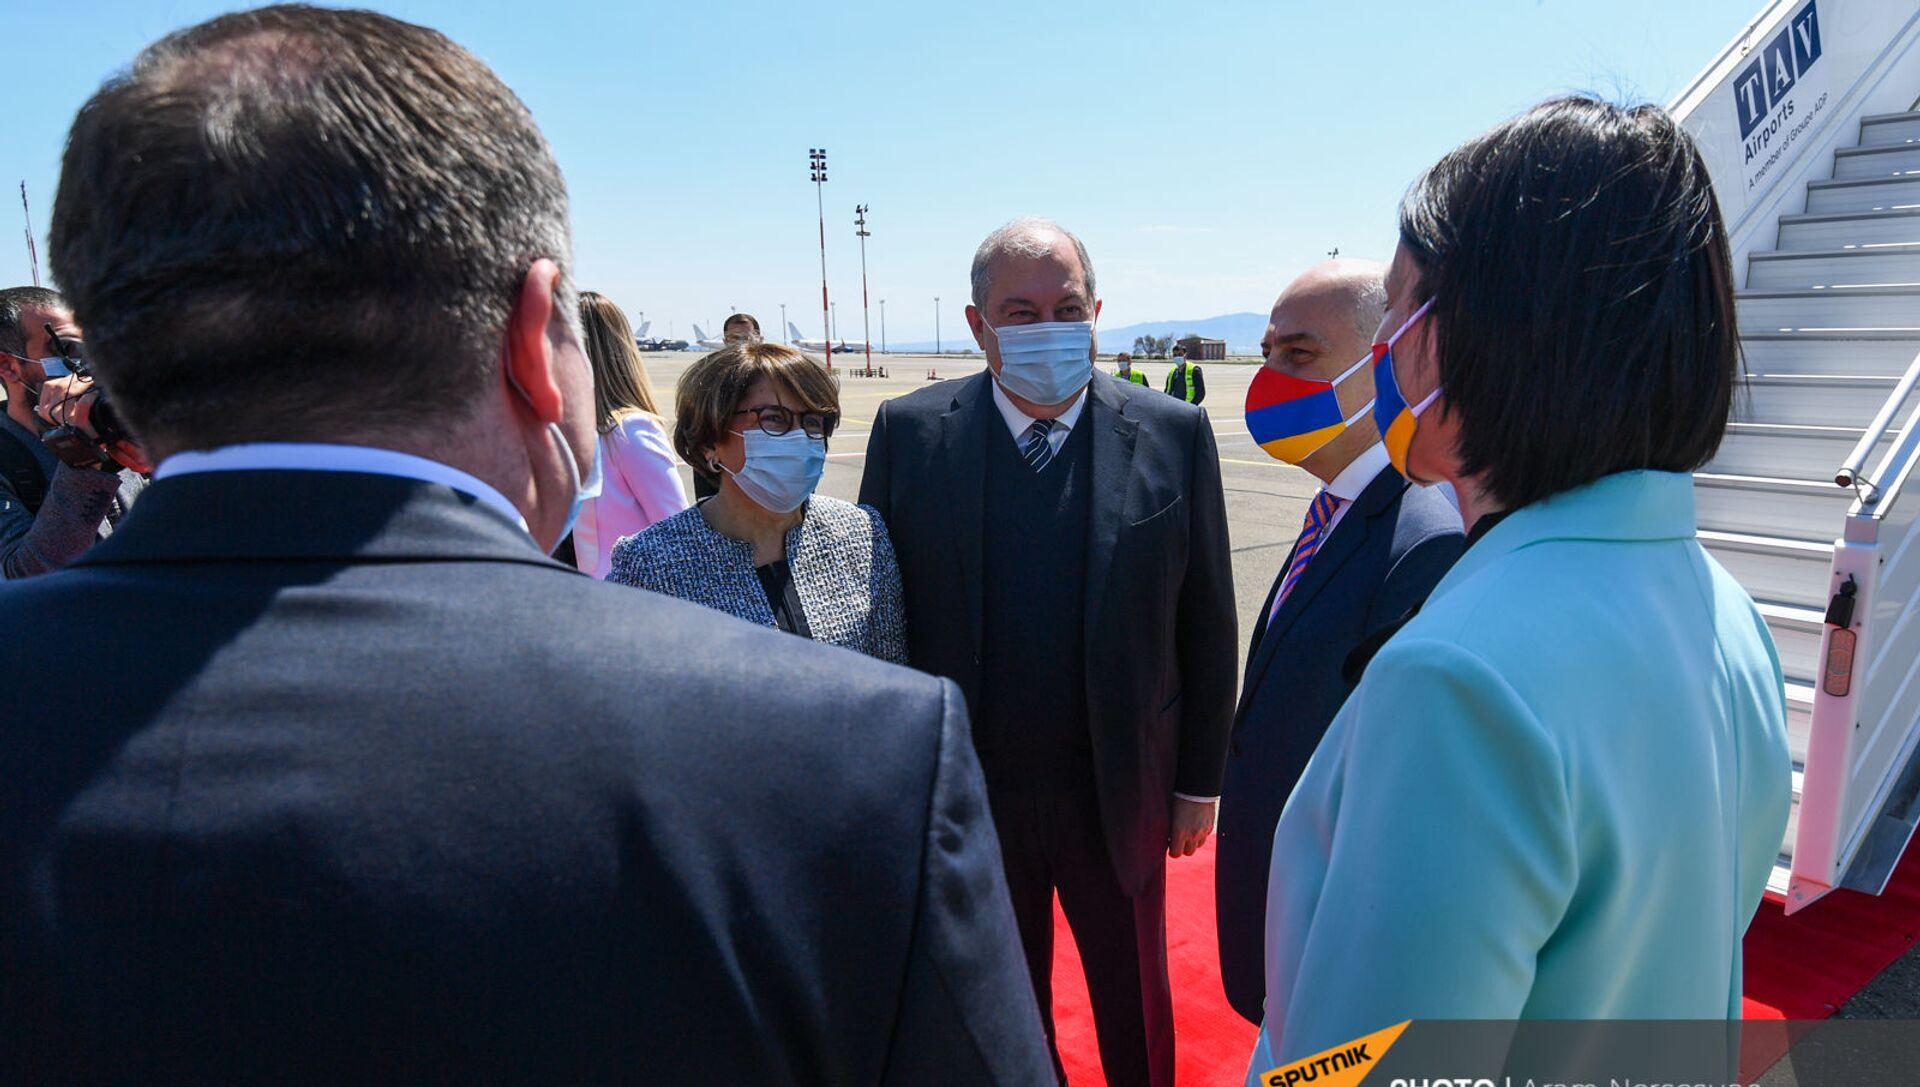 Президент Армении Армен Саркисян вместе с супругой Нуне Саркисян с официальным визитом прибыл в Грузию (15 апреля 2021). Тбилиси - Sputnik Արմենիա, 1920, 15.04.2021